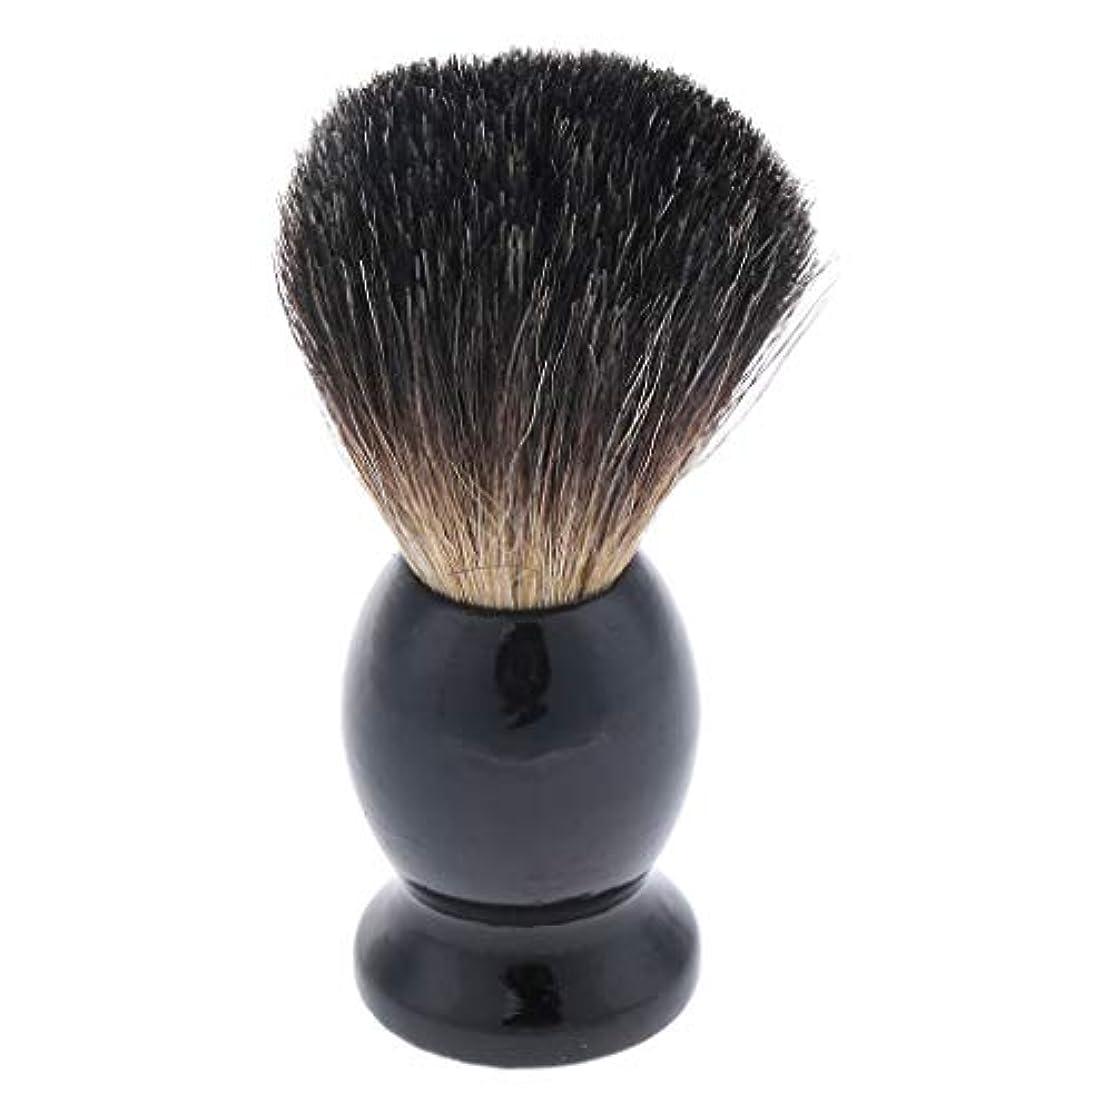 バインド憧れ朝食を食べるシェービングブラシ メンズ ひげブラシ 髭剃りブラシ 木製ハンドル 泡立ち 理容